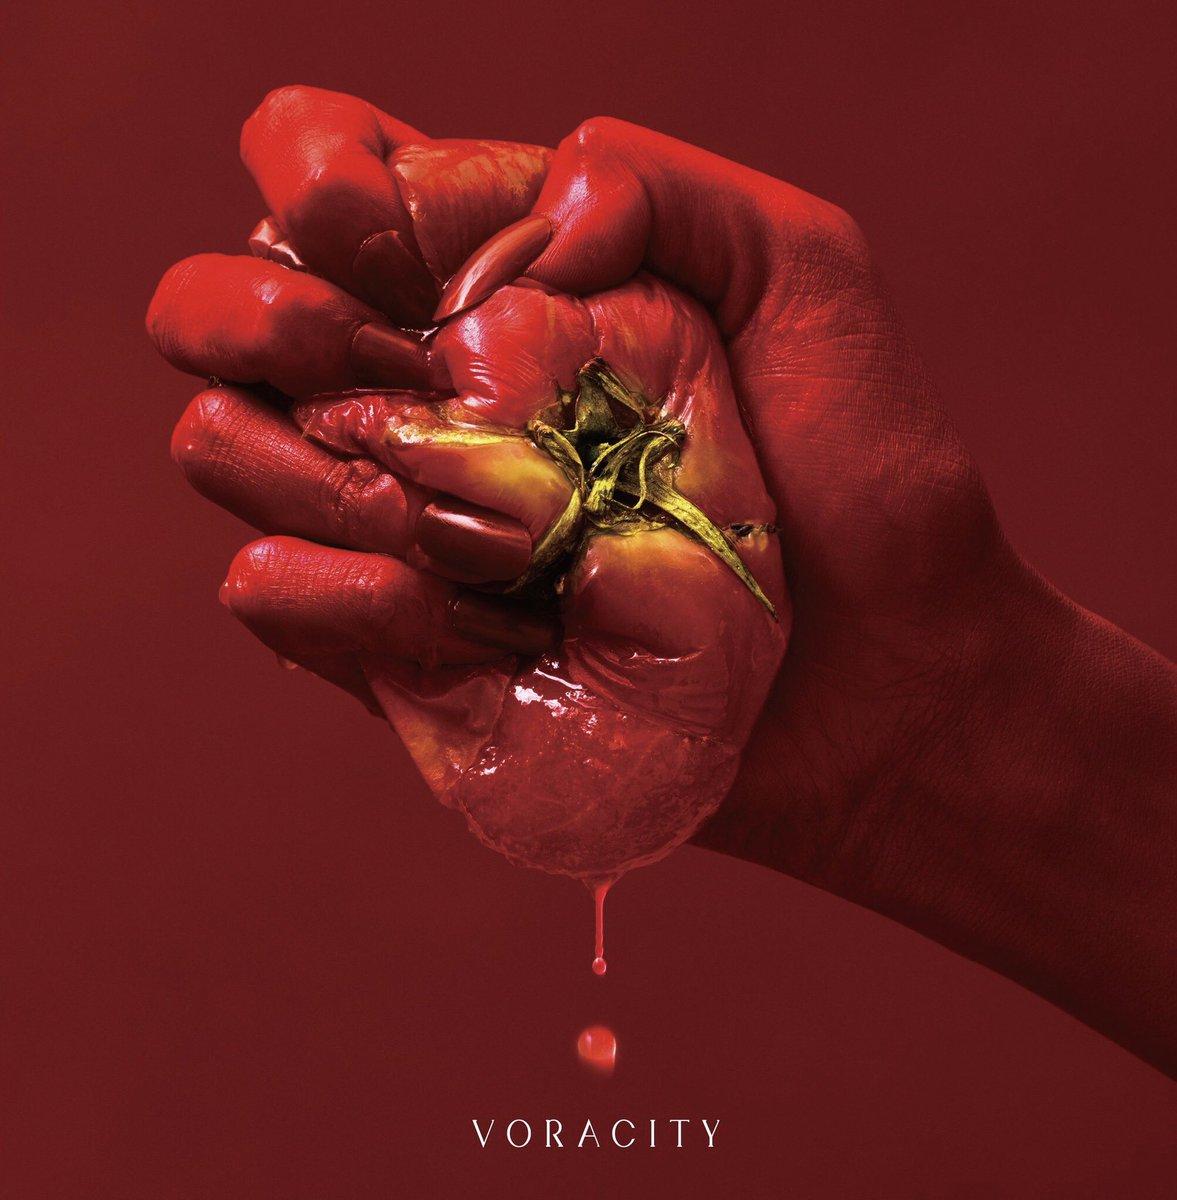 オーバーロードIII オープニングテーマ VORACITY に関する画像2